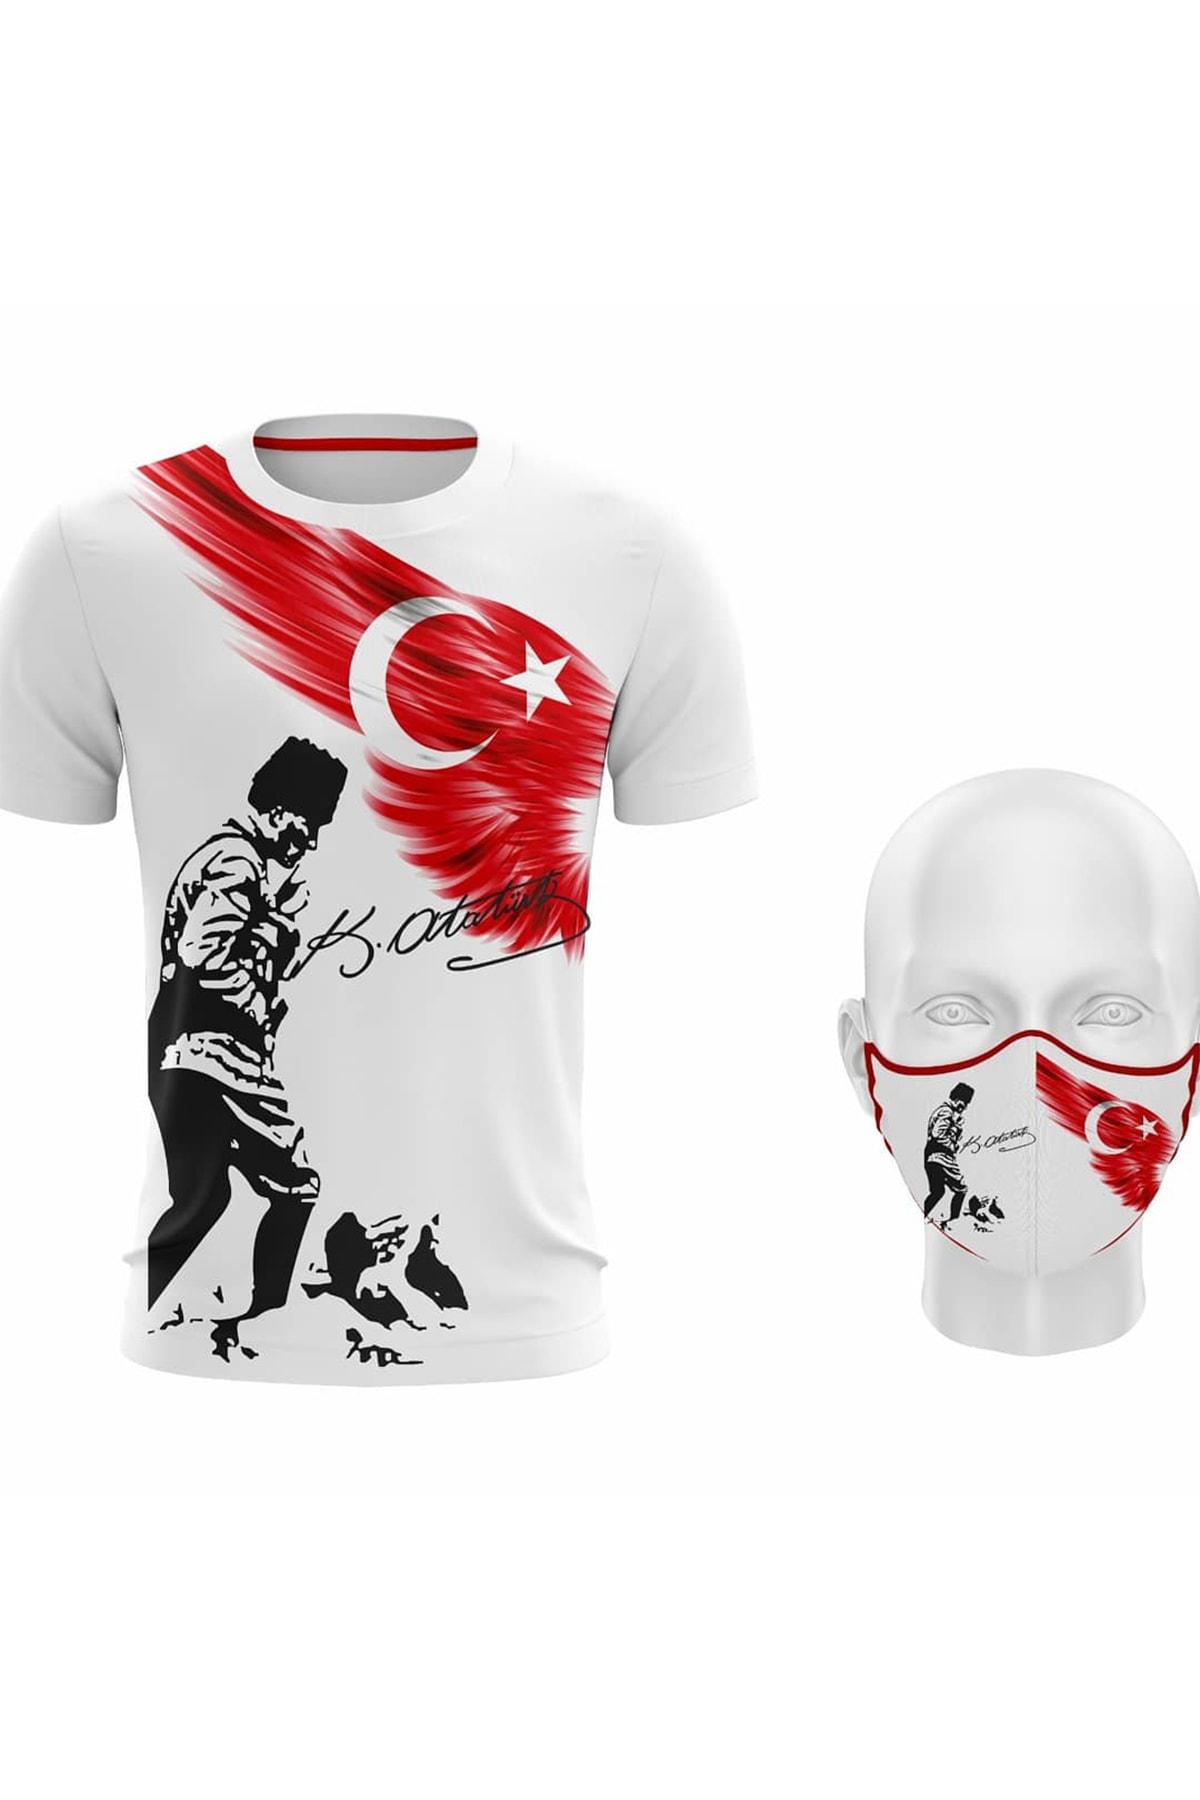 Unisex Mustafa Kemal Atatürk ve Türk Bayrağı Baskılı Beyaz T-shirt Ve Maske